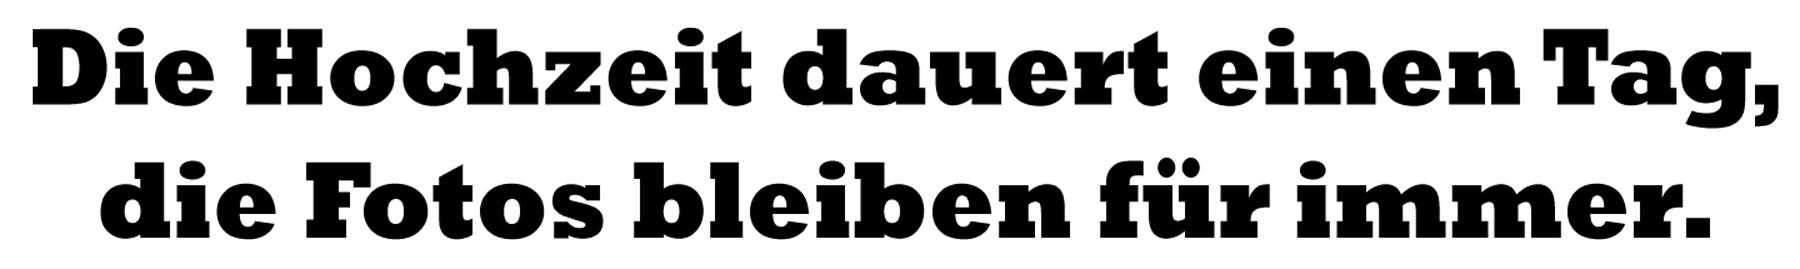 Hochzeit-website-spruch-title2